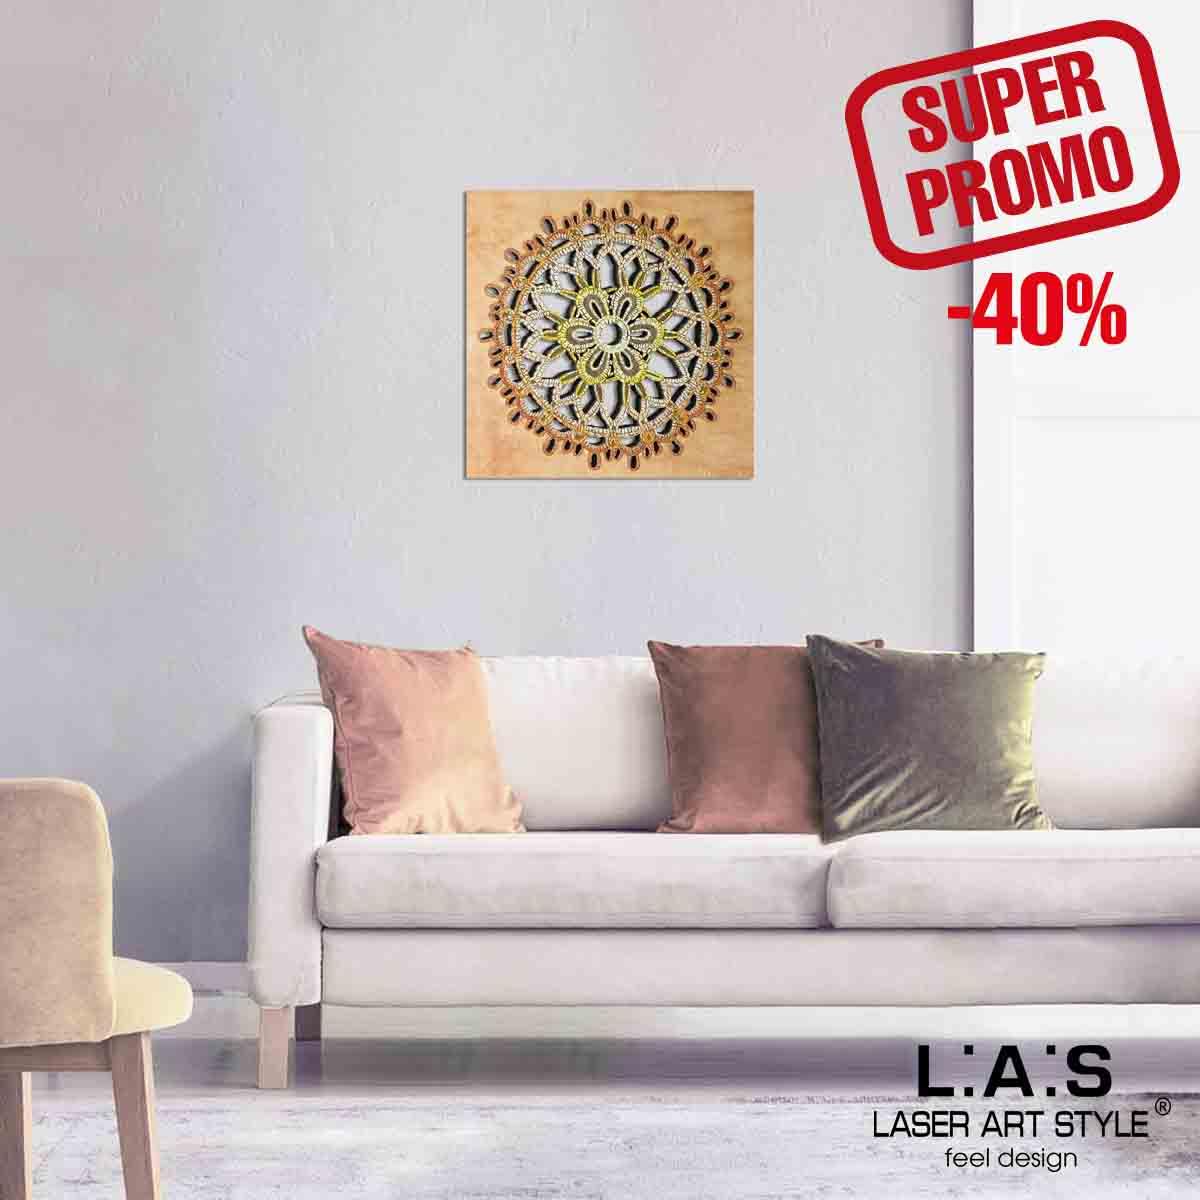 L:A:S - Laser Art Style - SCULTURA DA PARETE – DECORATA A MANO EFFETTO RICAMO SI-099M TONI CALDI